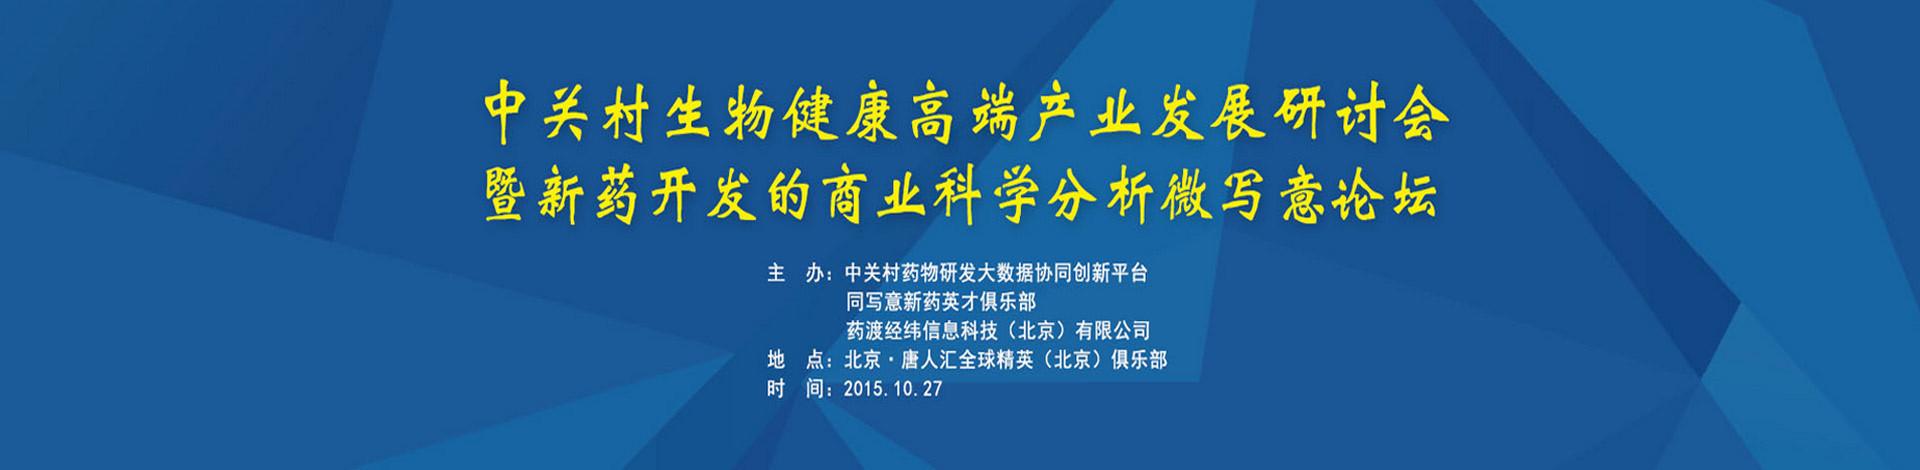 中关村生物健康高端产业发展研讨会